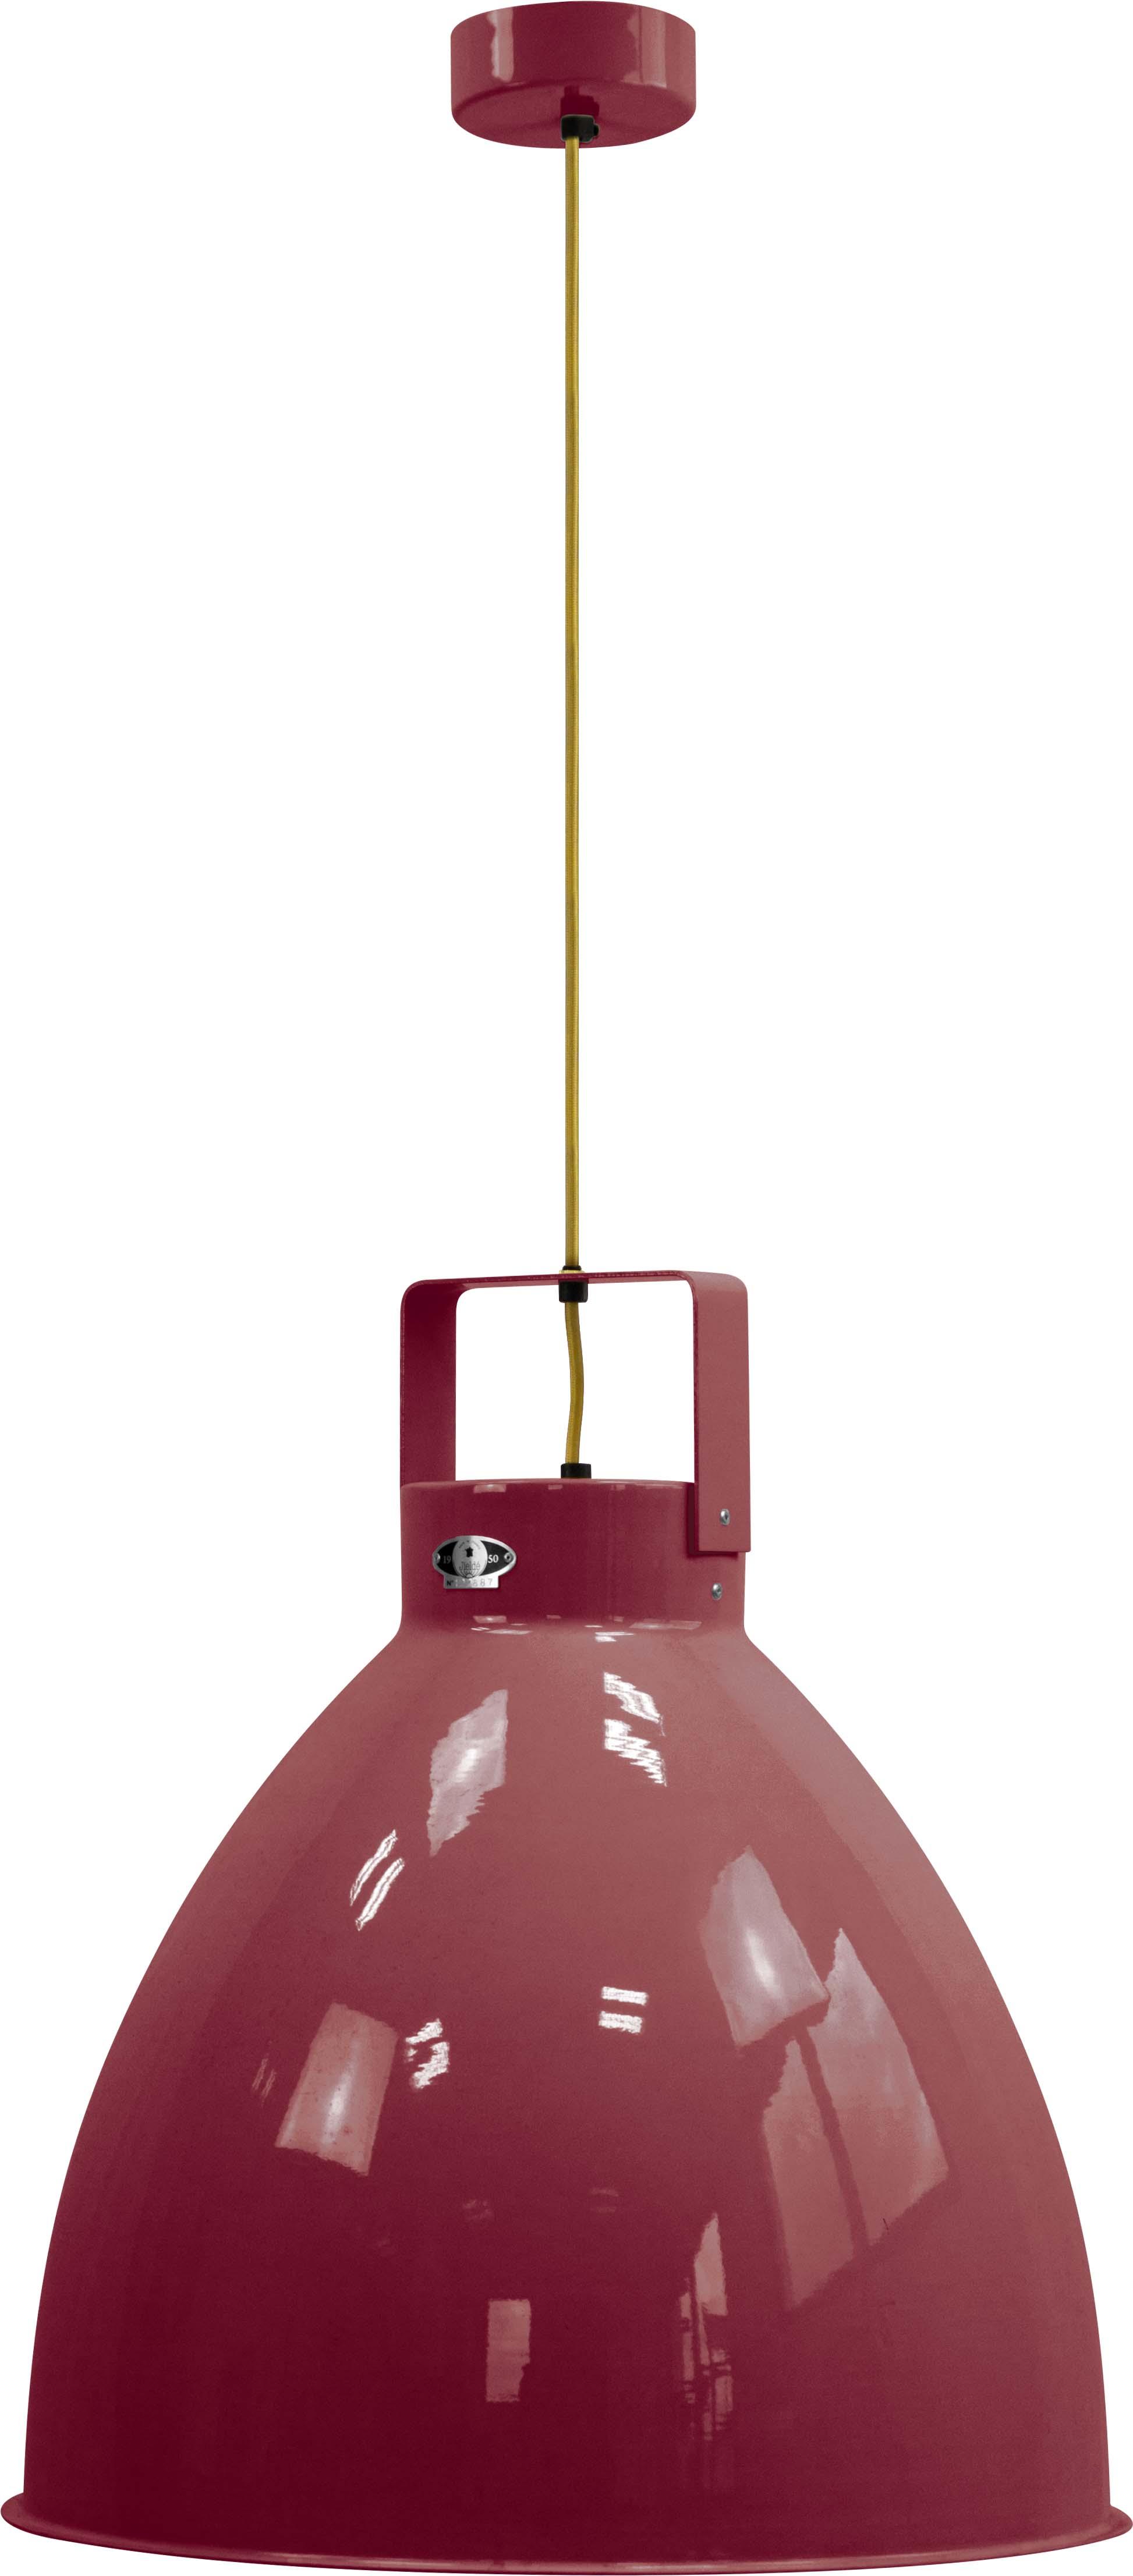 A540-9-bourgogne